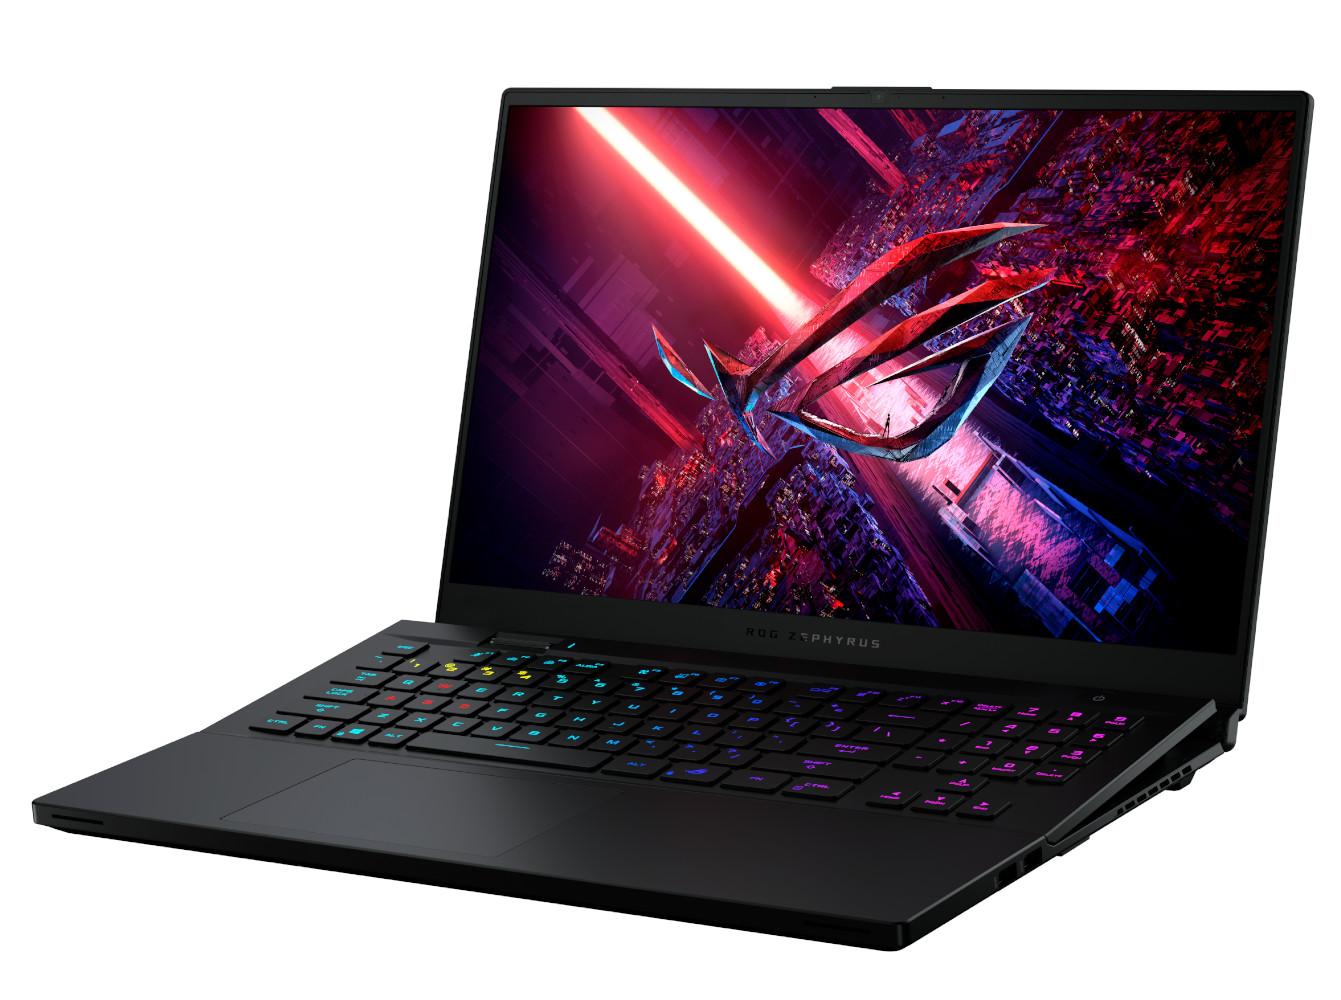 ROG anuncia la laptop gamer Zephyrus S17 Premium con teclado ascendente